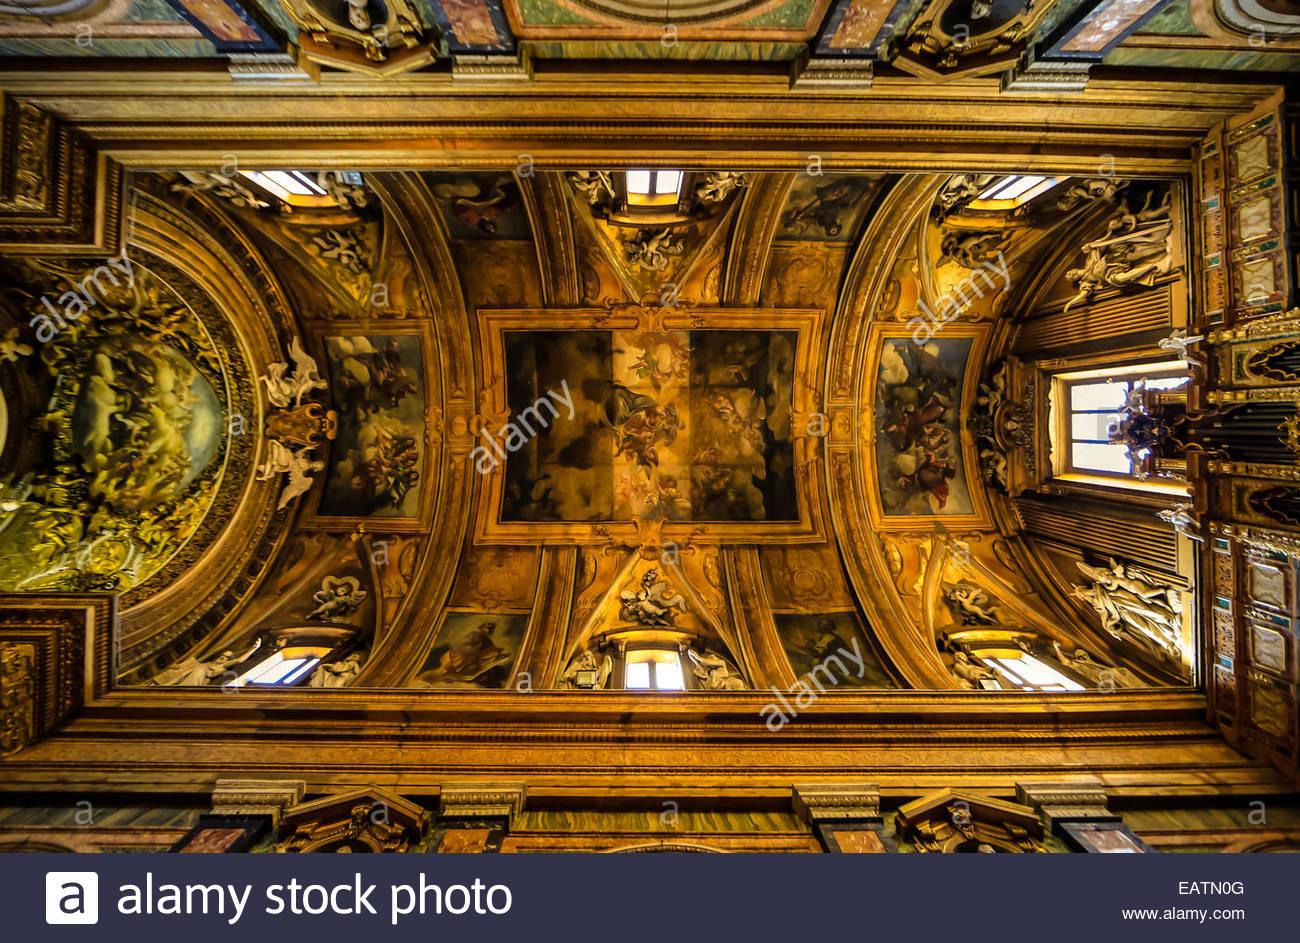 Ampio angolo di visione di con volta a botte soffitto della chiesa